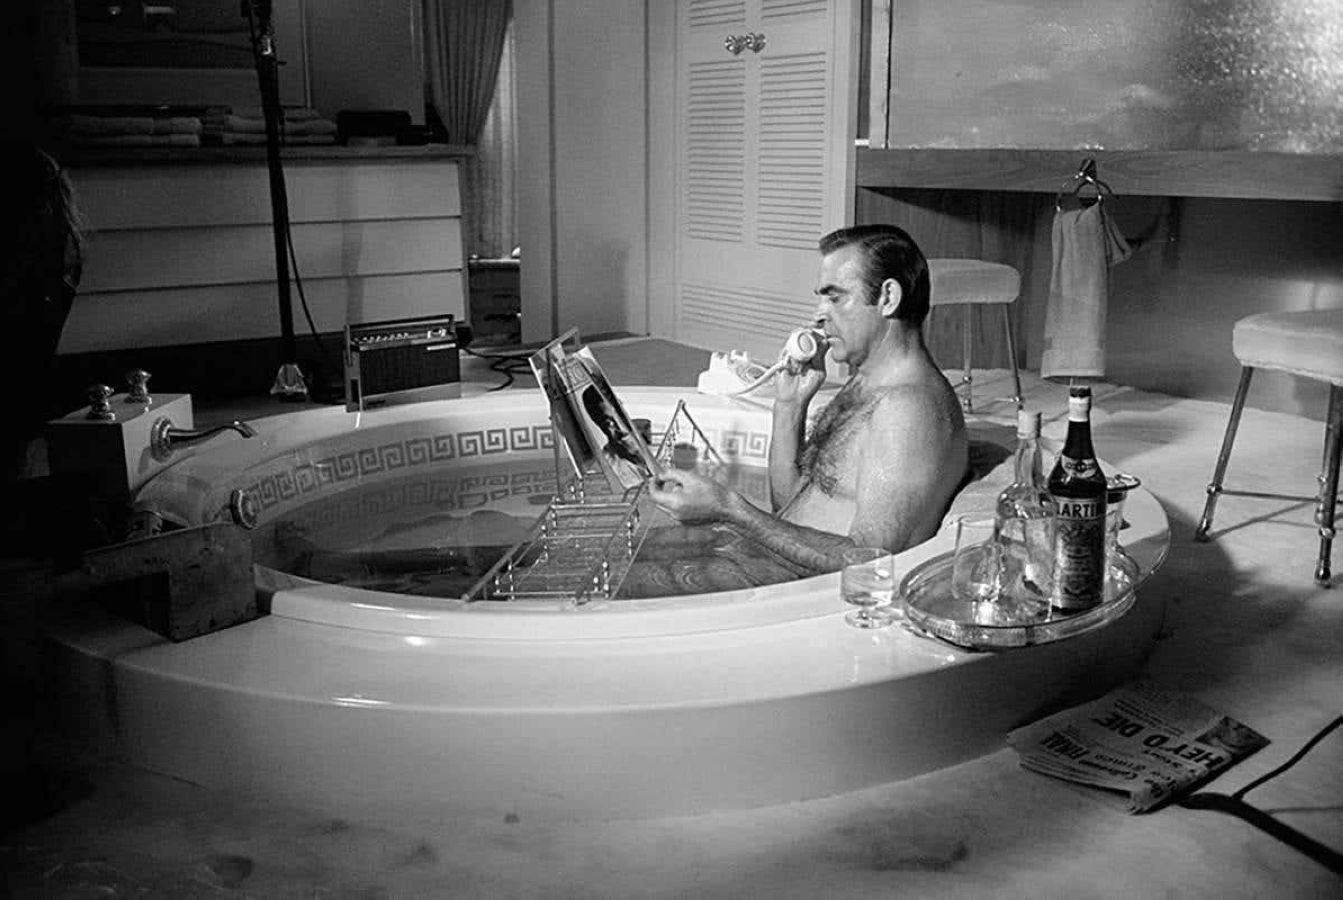 Sean Connery in Bathtub